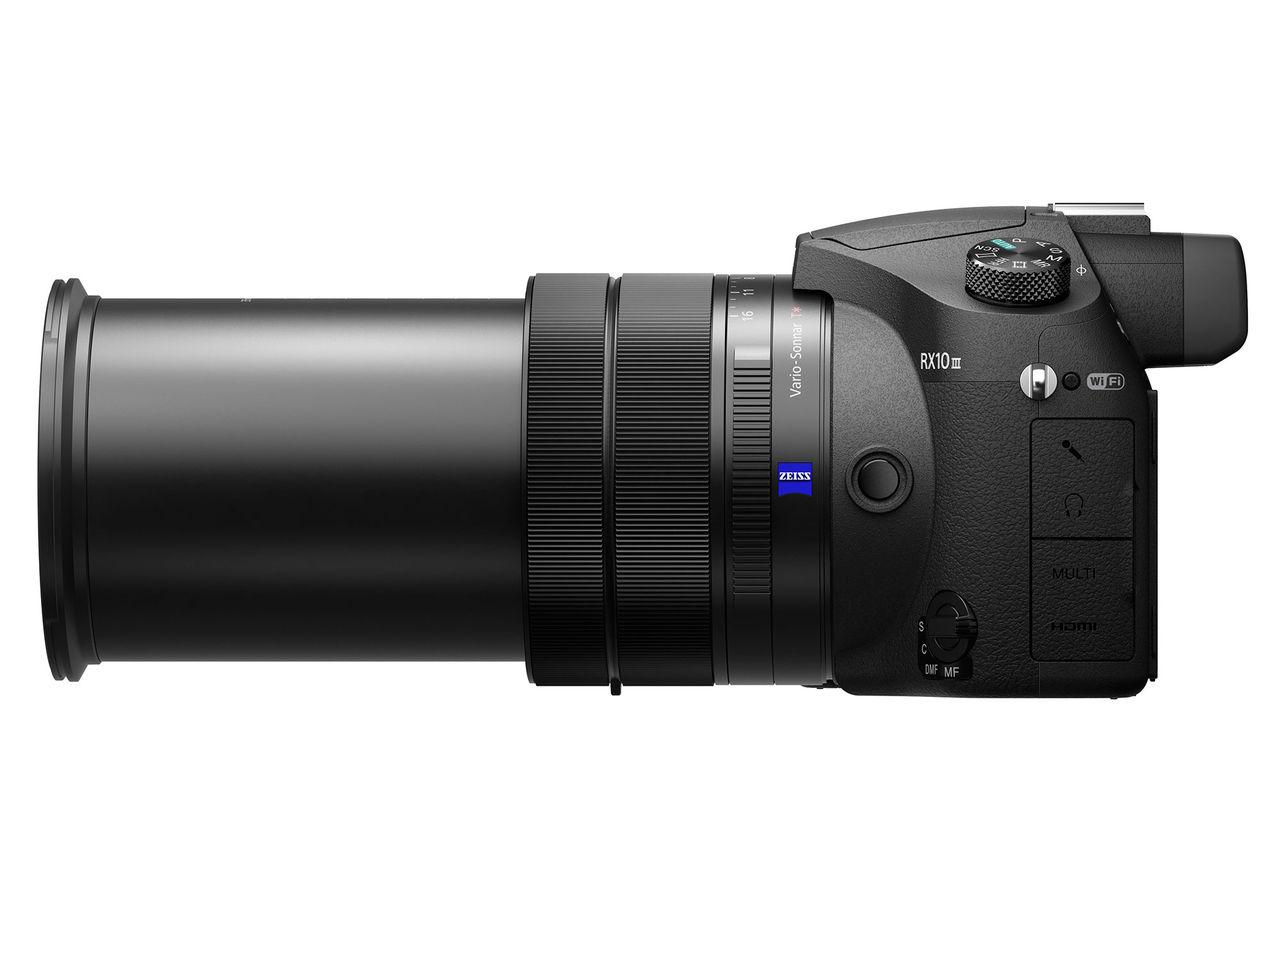 Sony presenterar kameran RX10 III med supertele